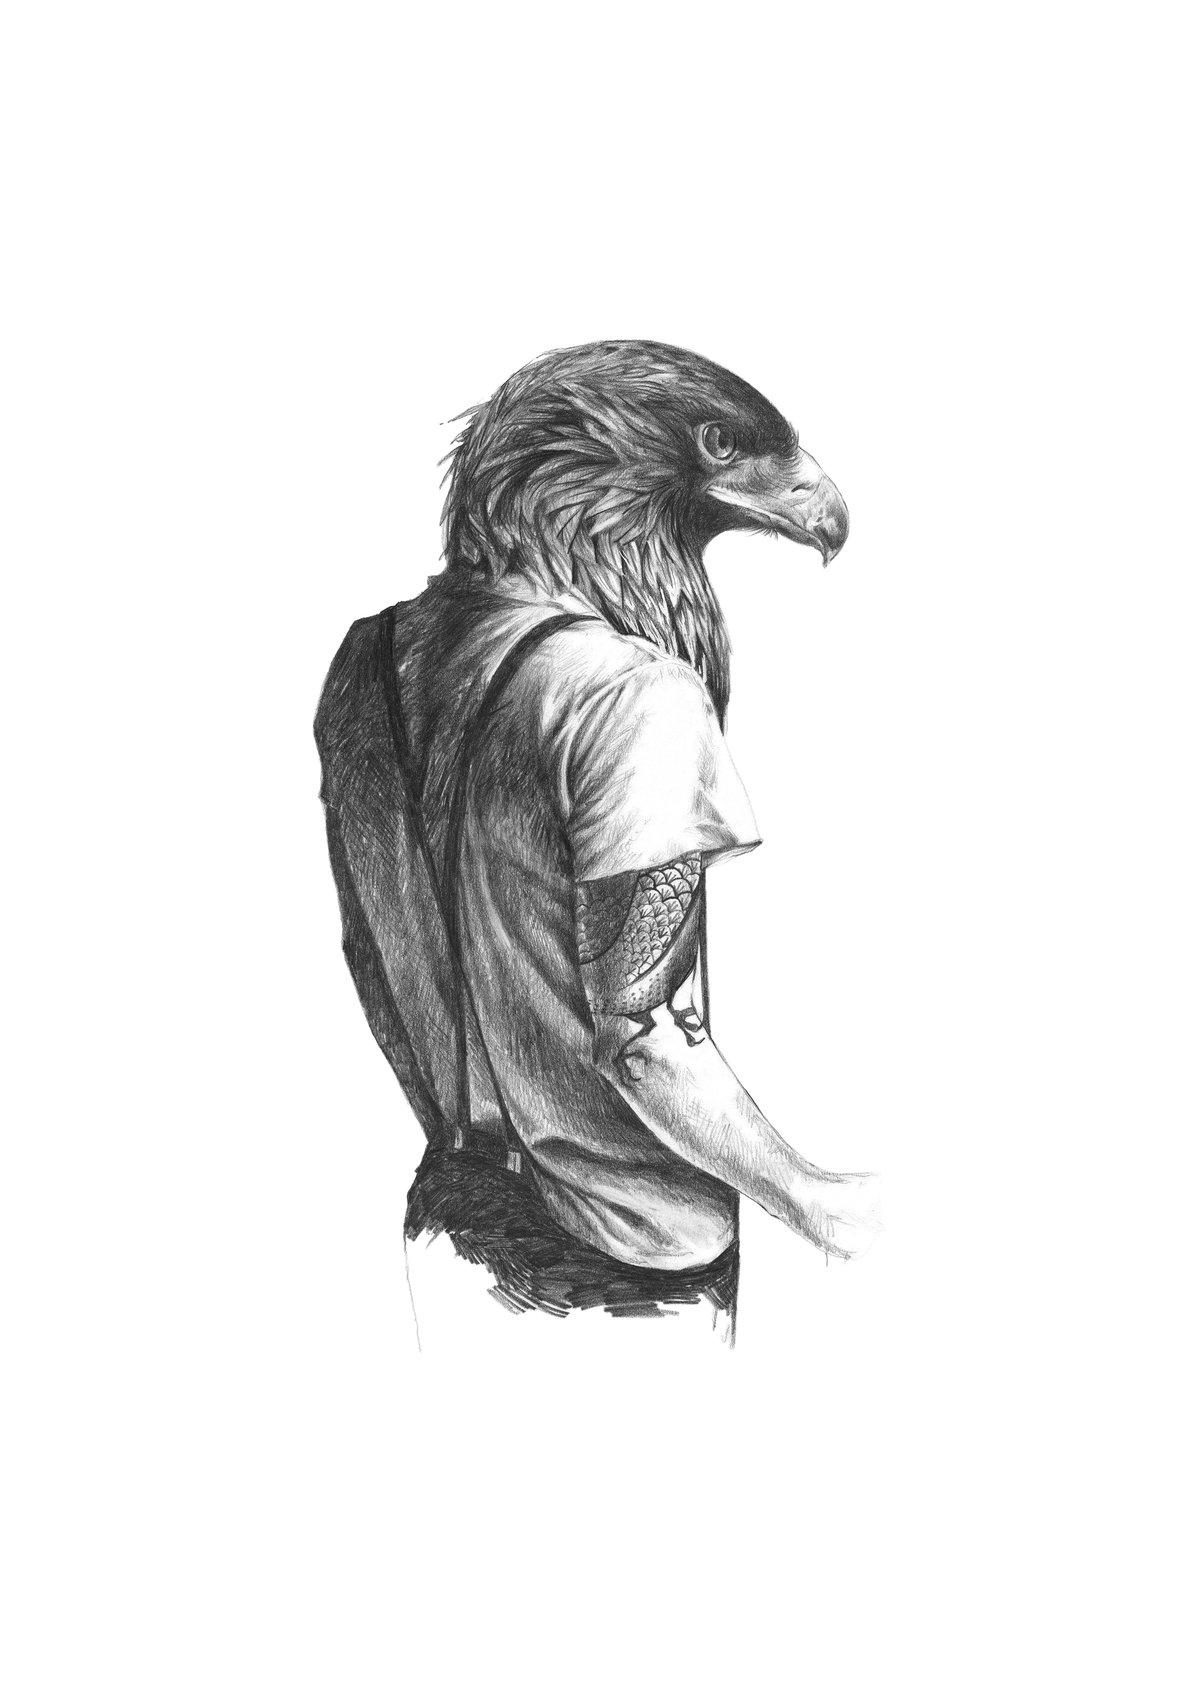 Image of Eagle